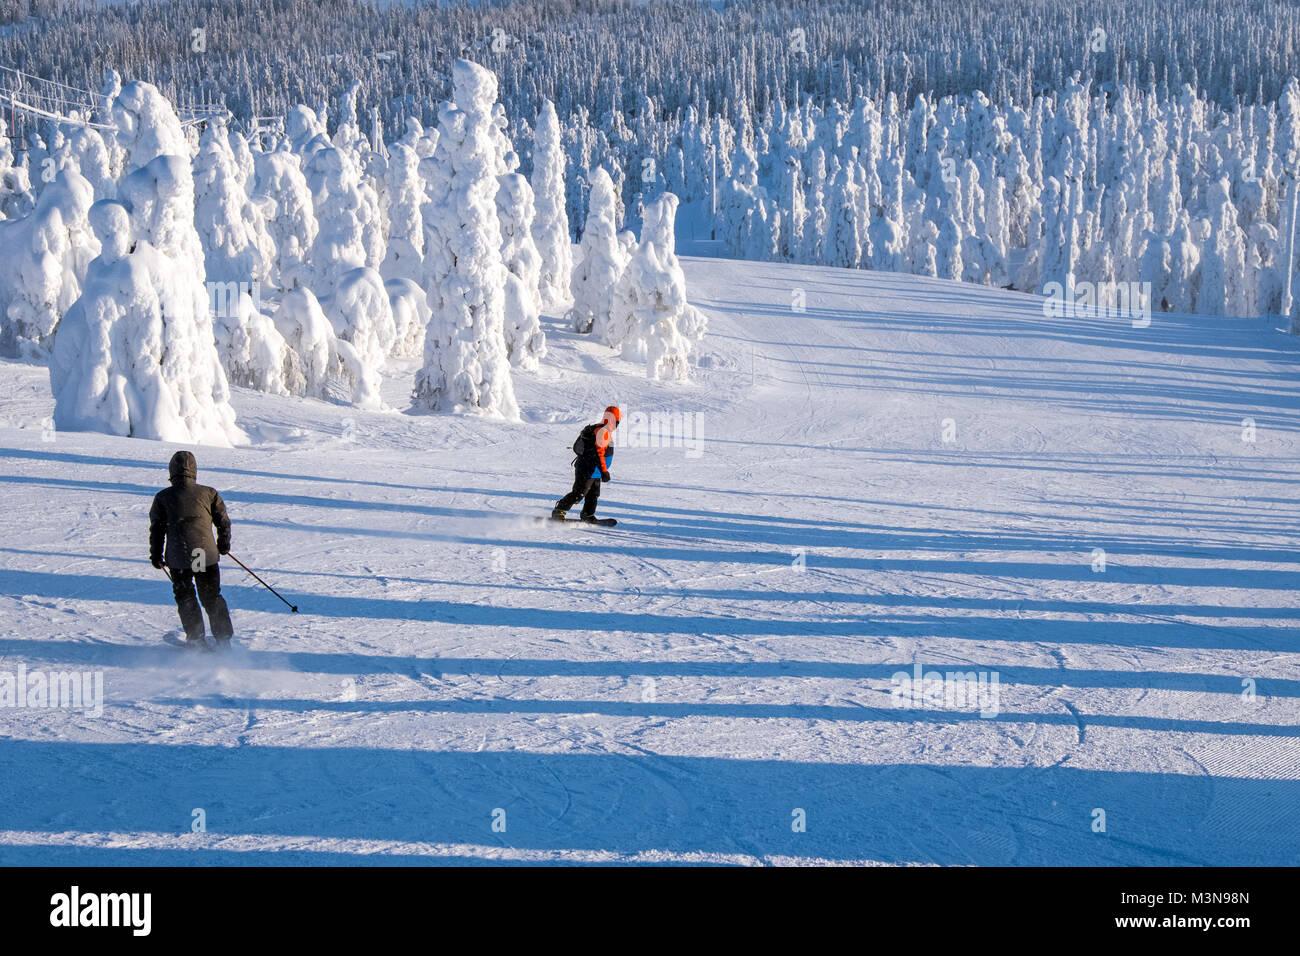 Gli sciatori sulle piste inla stazione sciistica di Ruka in Finlandia Immagini Stock